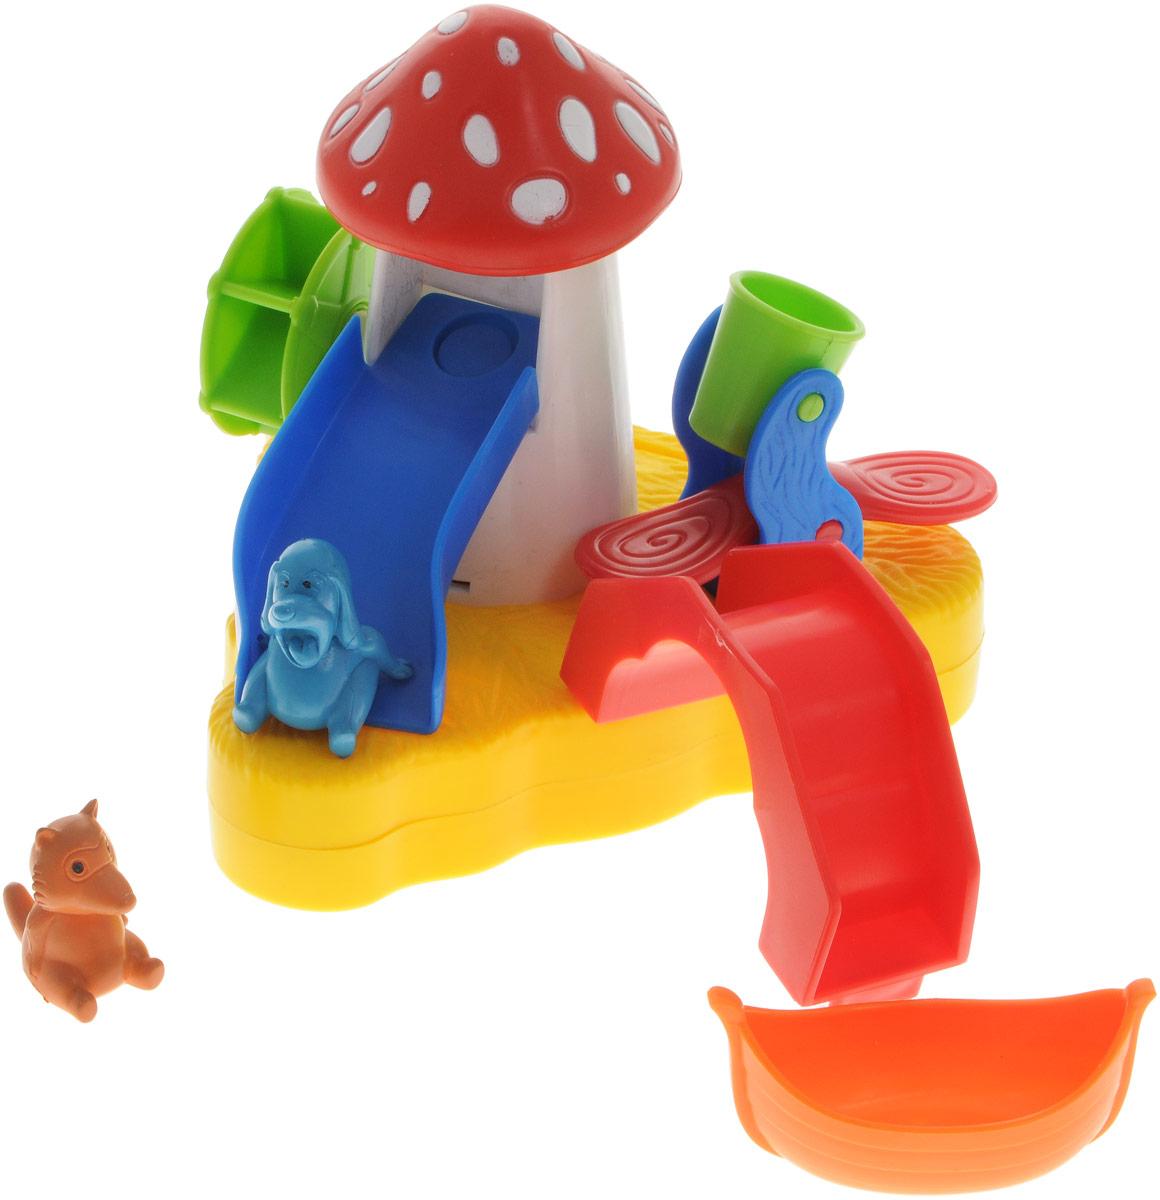 Жирафики Игрушка для ванной Купание с друзьями681117Игрушка для ванной Жирафики Купание с друзьями обязательно порадует вашего малыша и превратит купание в увлекательную игру. Игрушка ярких цветов выполнена из качественных материалов и абсолютно безопасна для малышей. Игрушка предназначена для сюжетно-ролевой игры, развития внимания, координации движений и логического мышления. Игрушка плавает по воде. Лейте воду, чтобы животные скользили, а колесо крутилось и ведерко опрокидывалось.